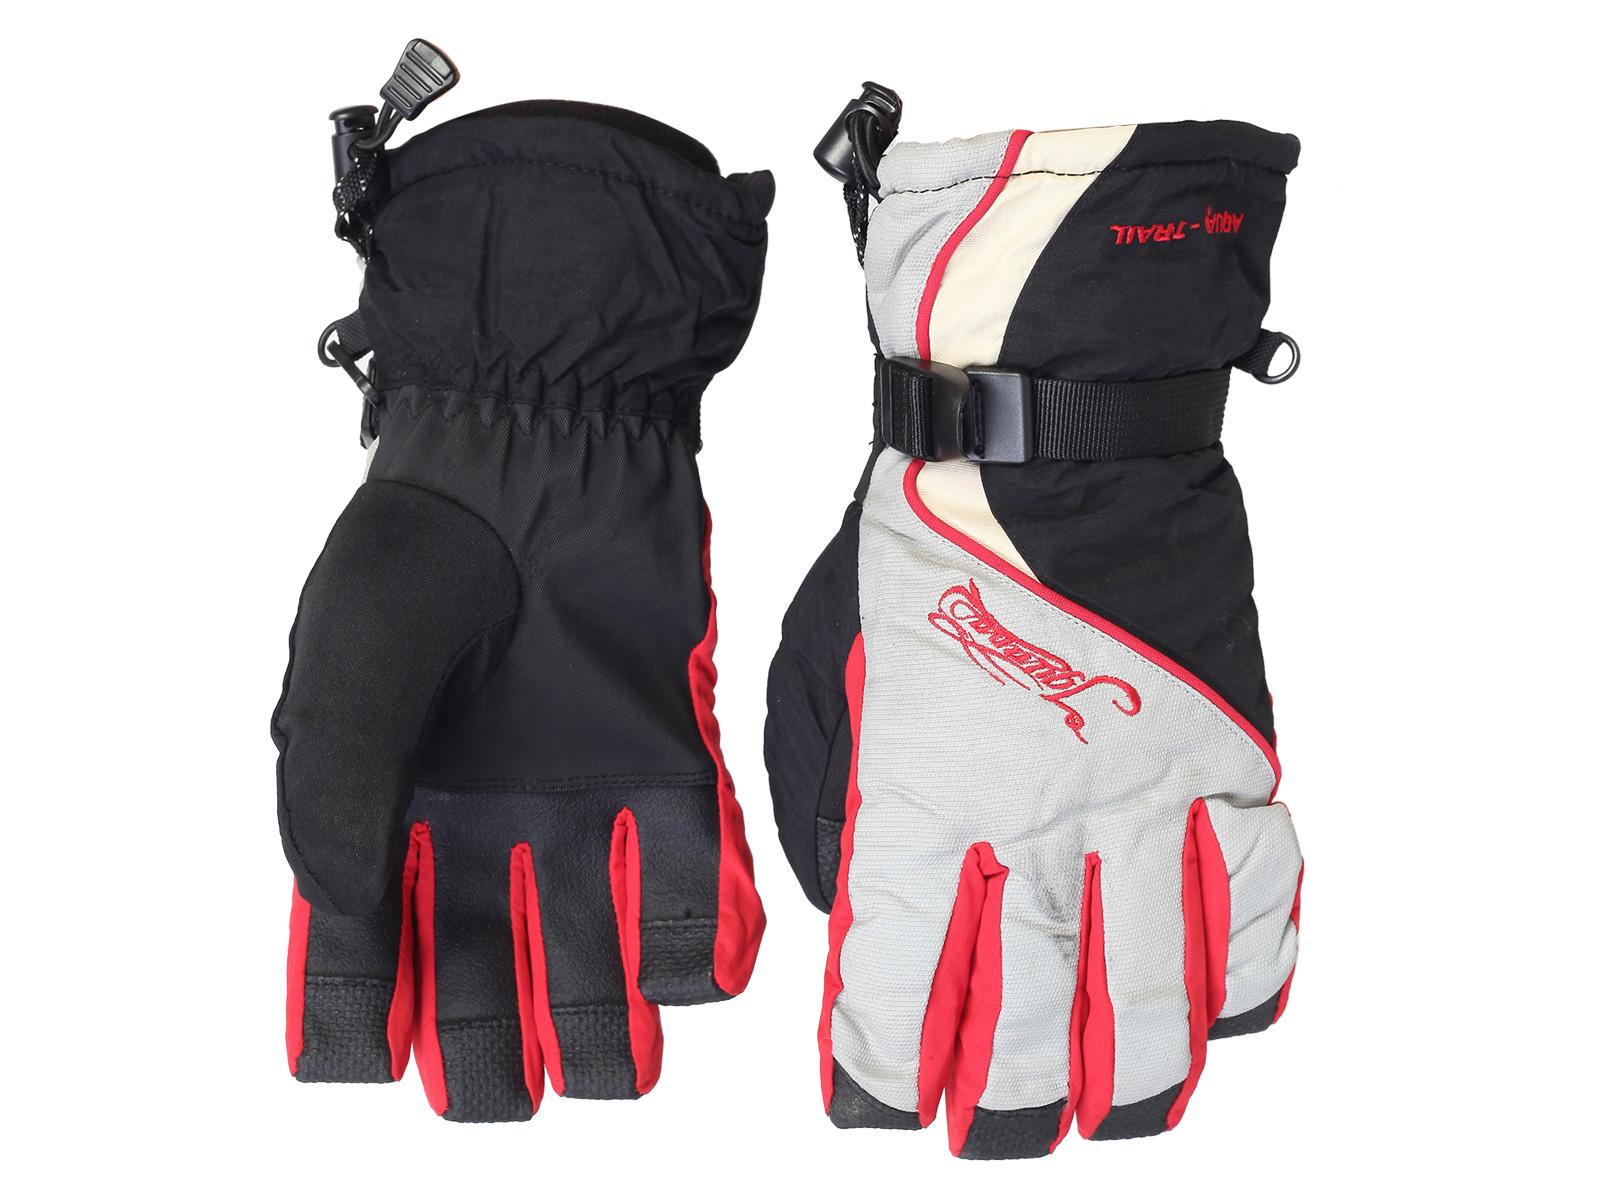 Перчатки для сноуборда, лыж и любой зимней активности